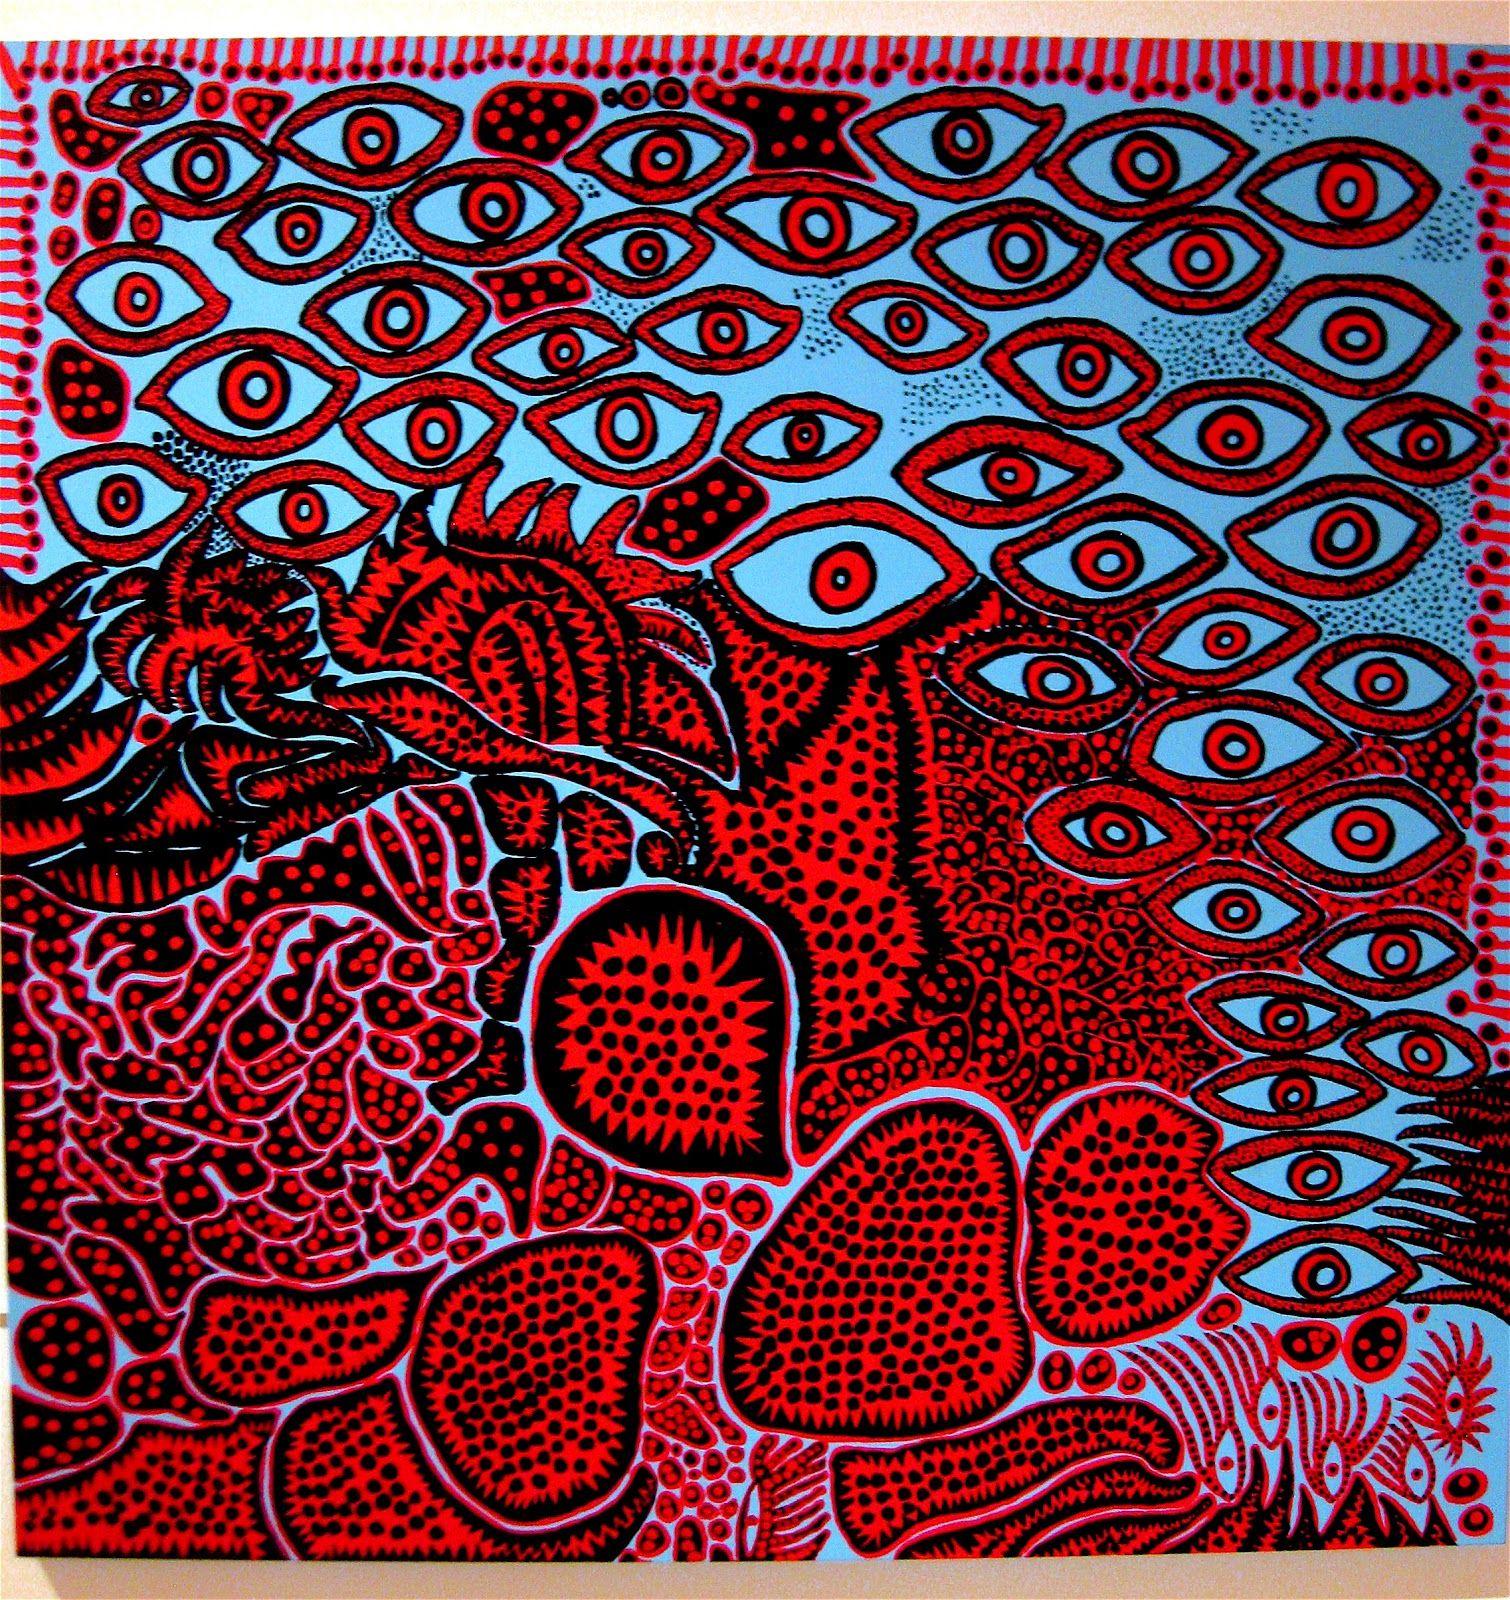 Eyes of Mine Yayoi Kusama 2010, acrylic on canvas